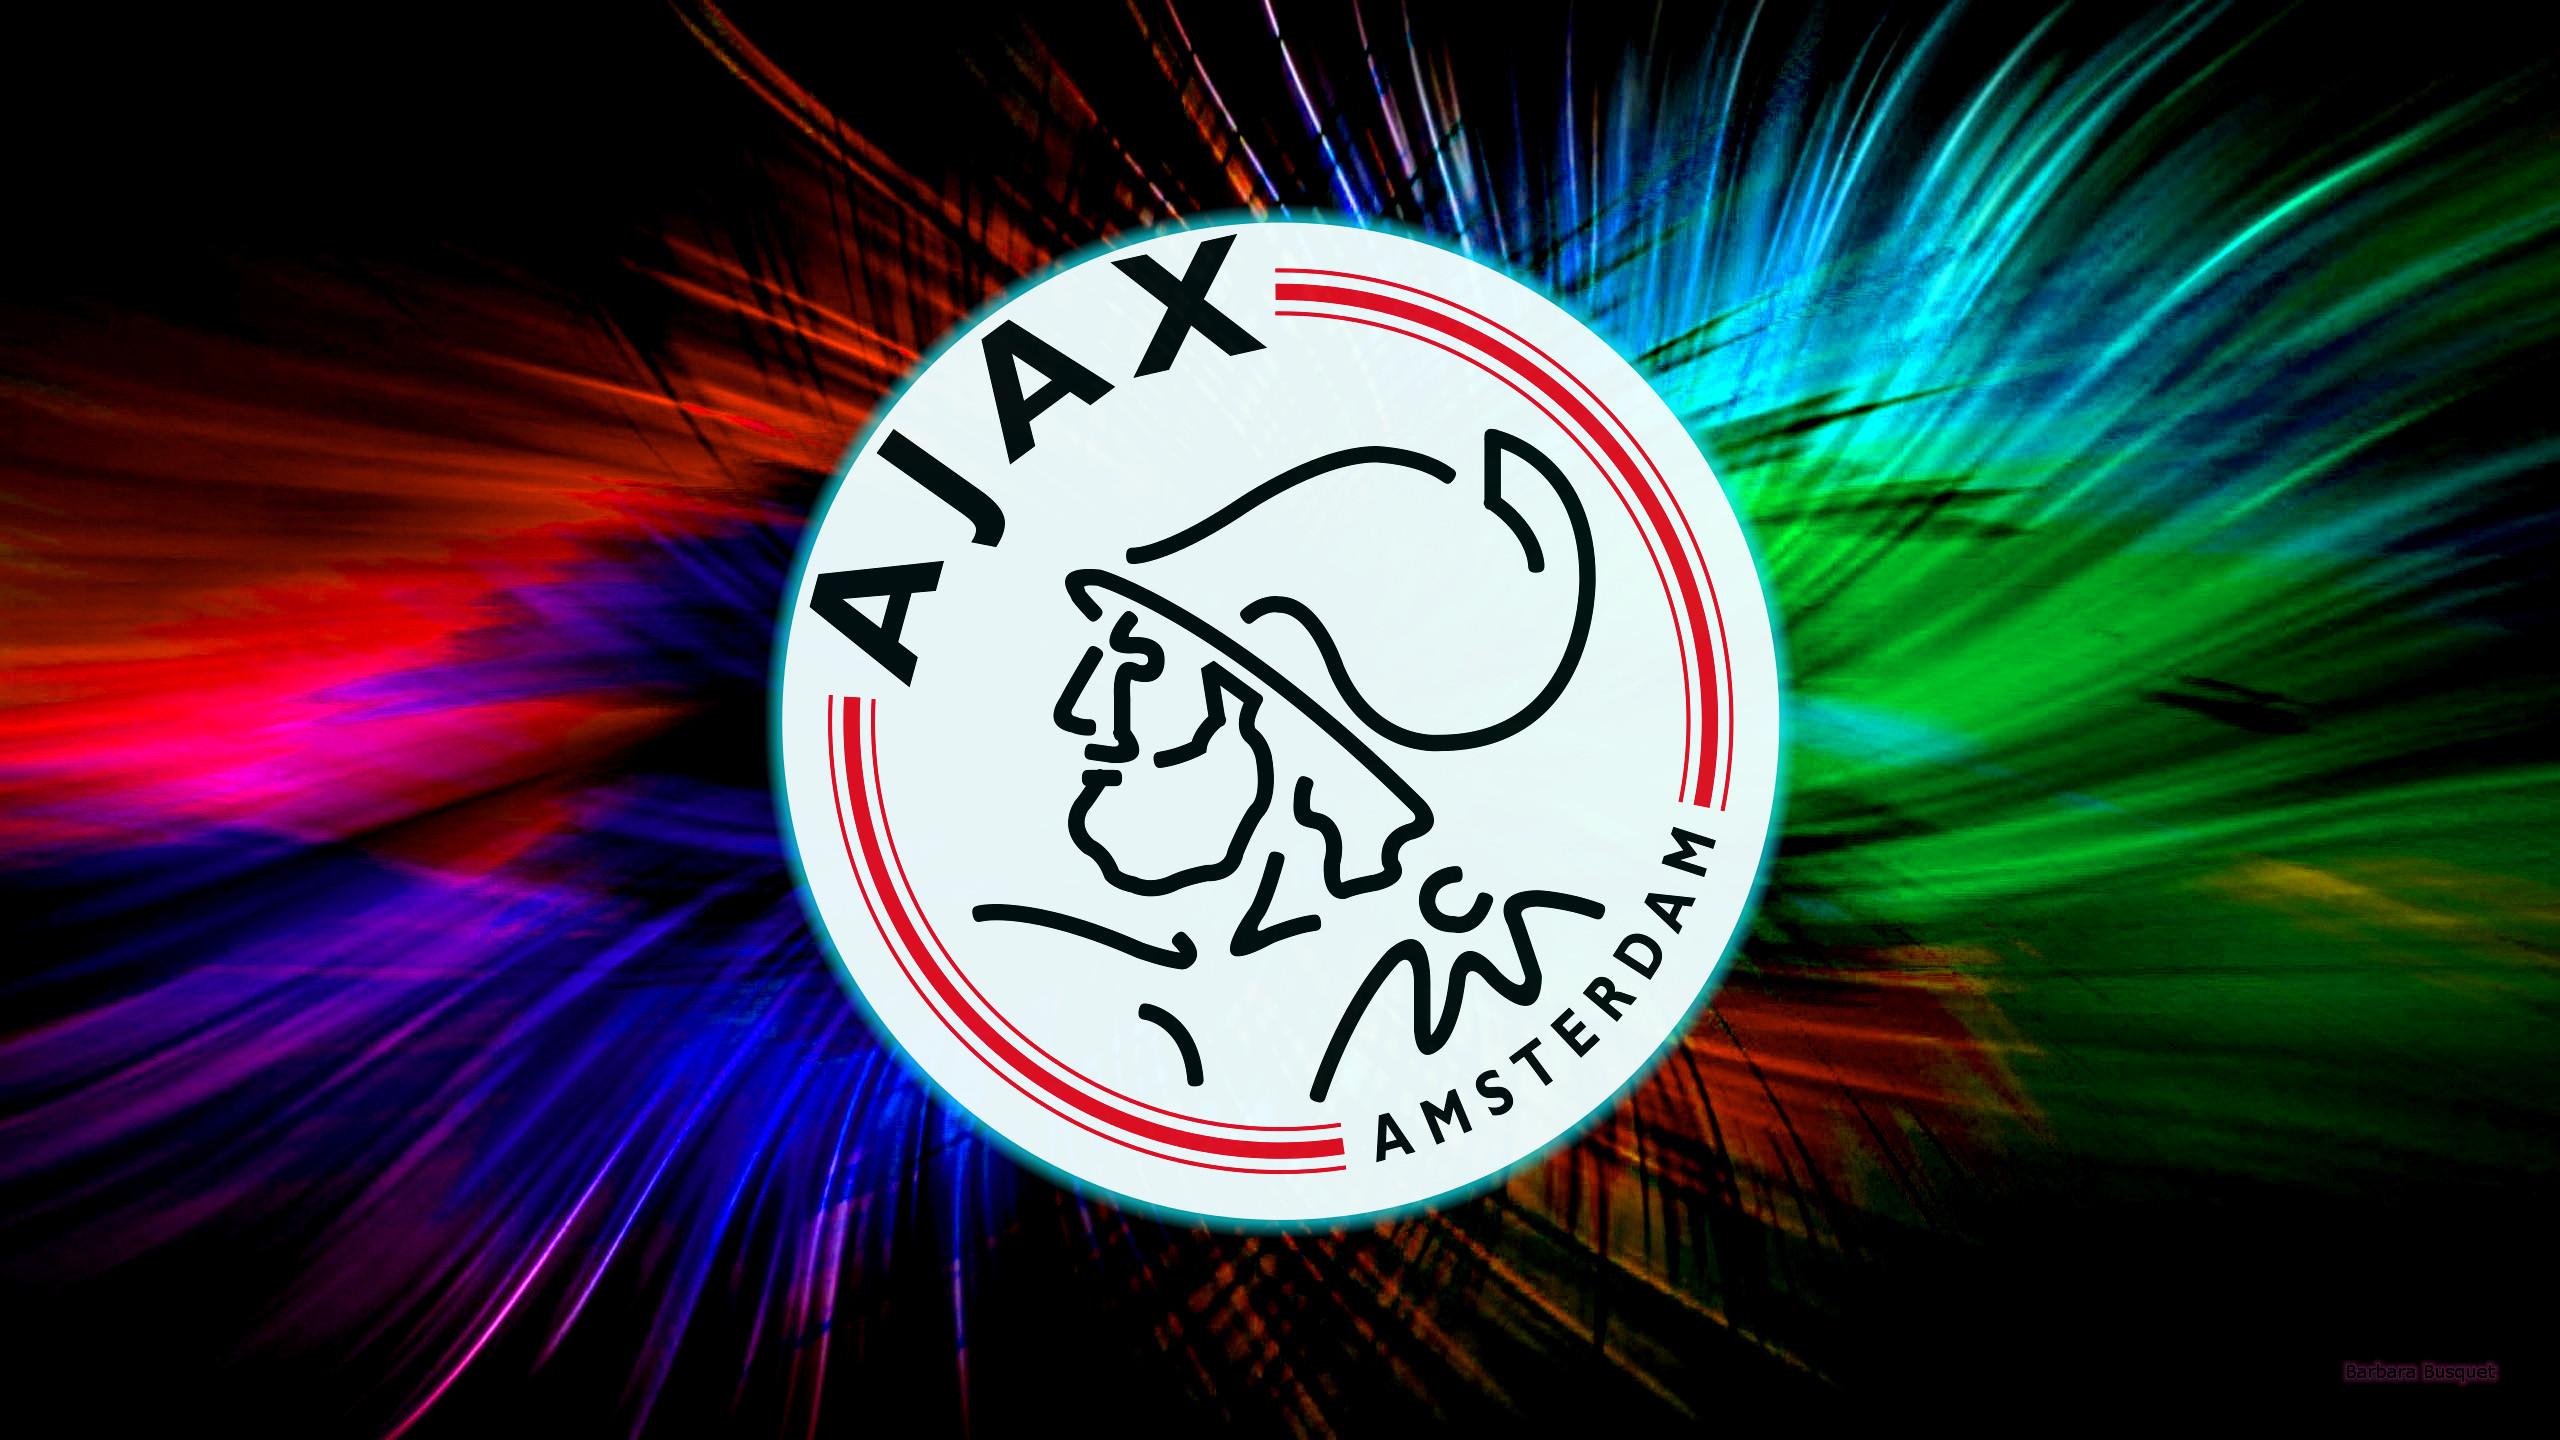 Colorful-Ajax-logo-wallpaper